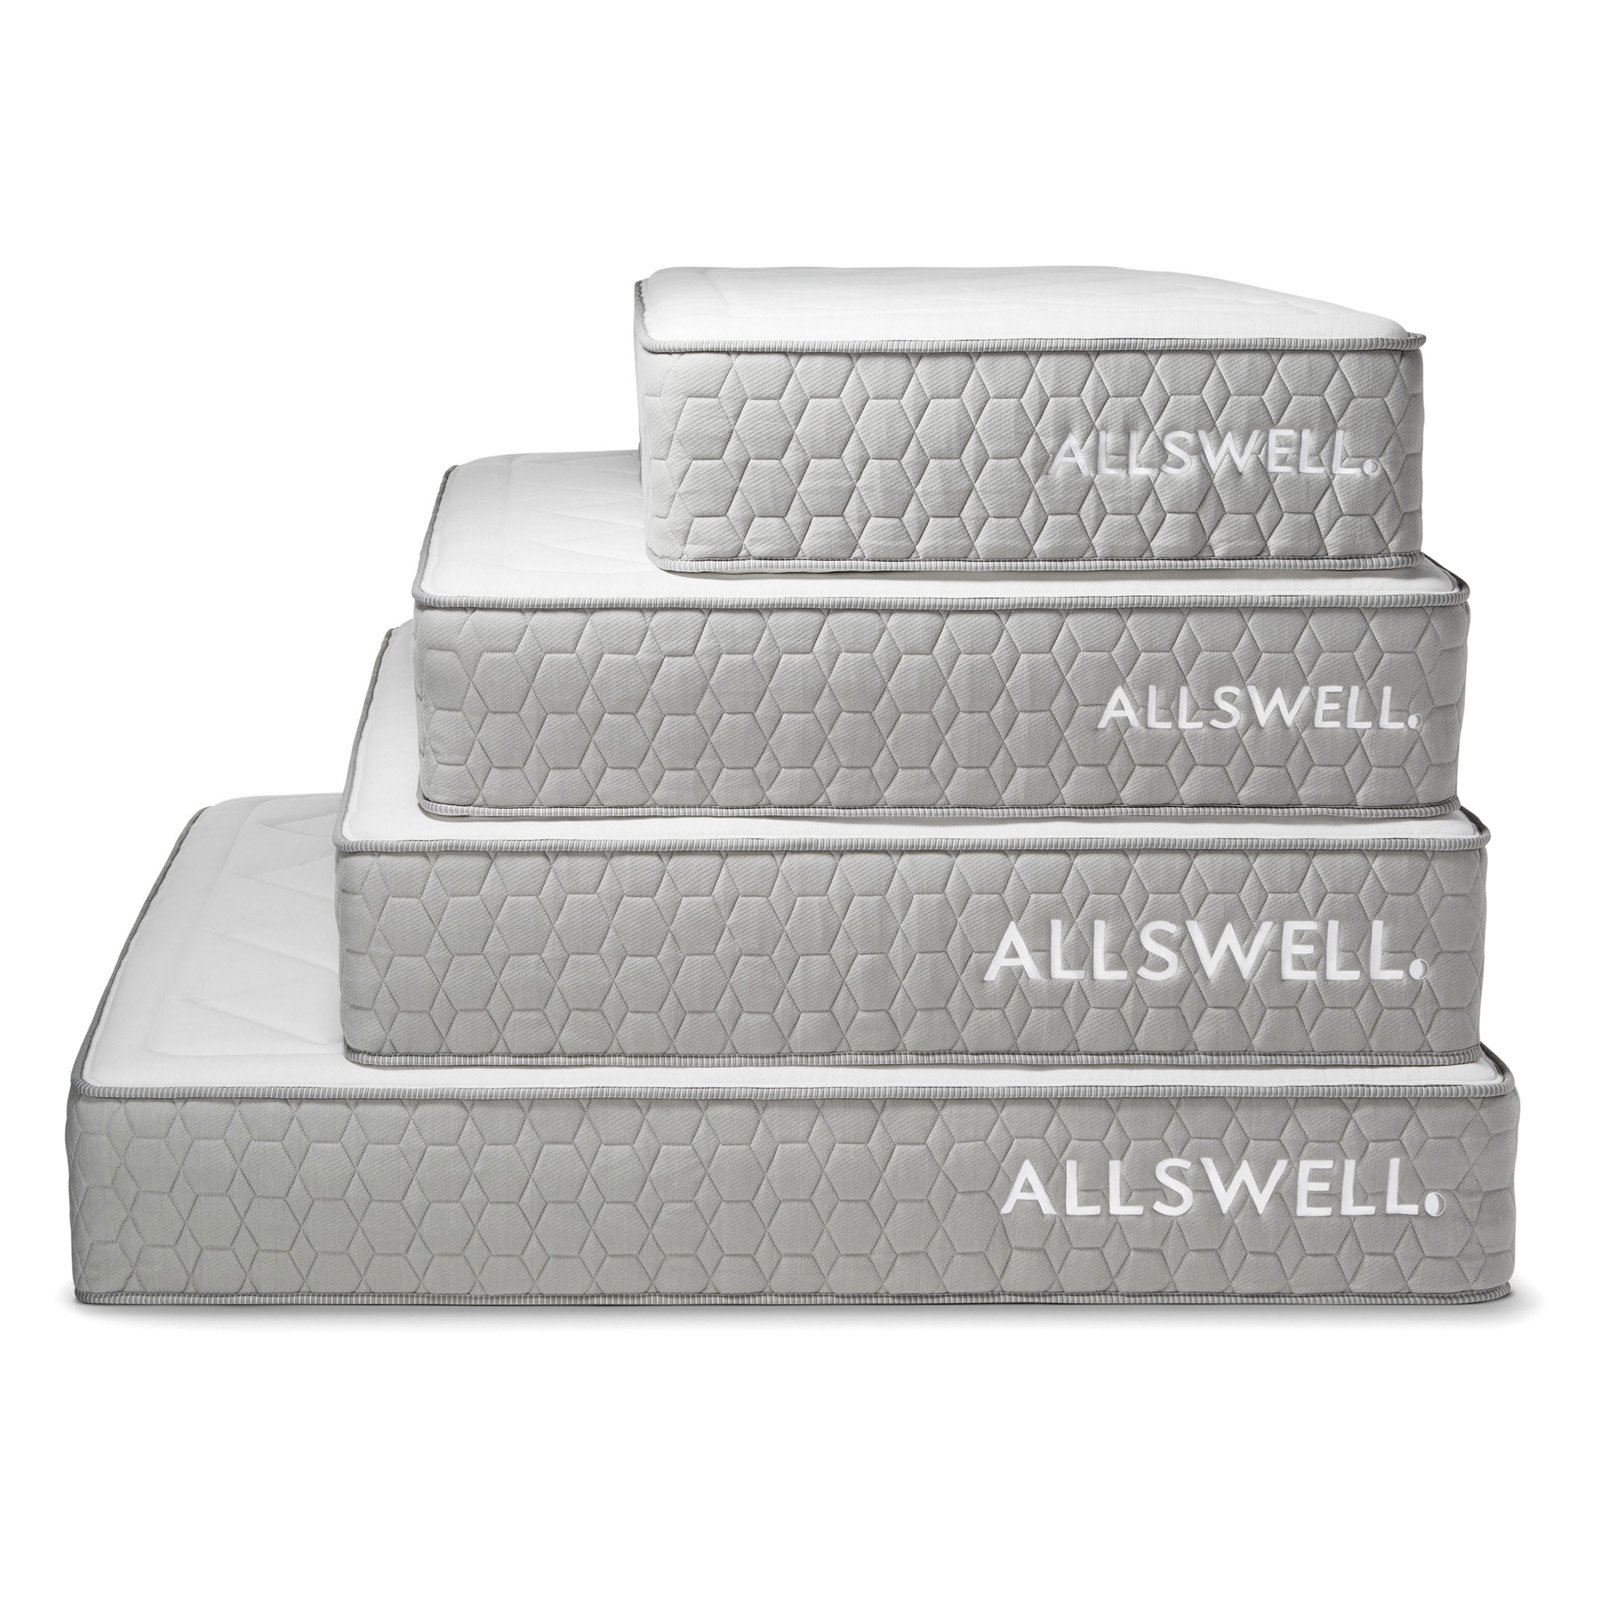 Belham Living Merced Platform Cart Bed with Allswell Mattress